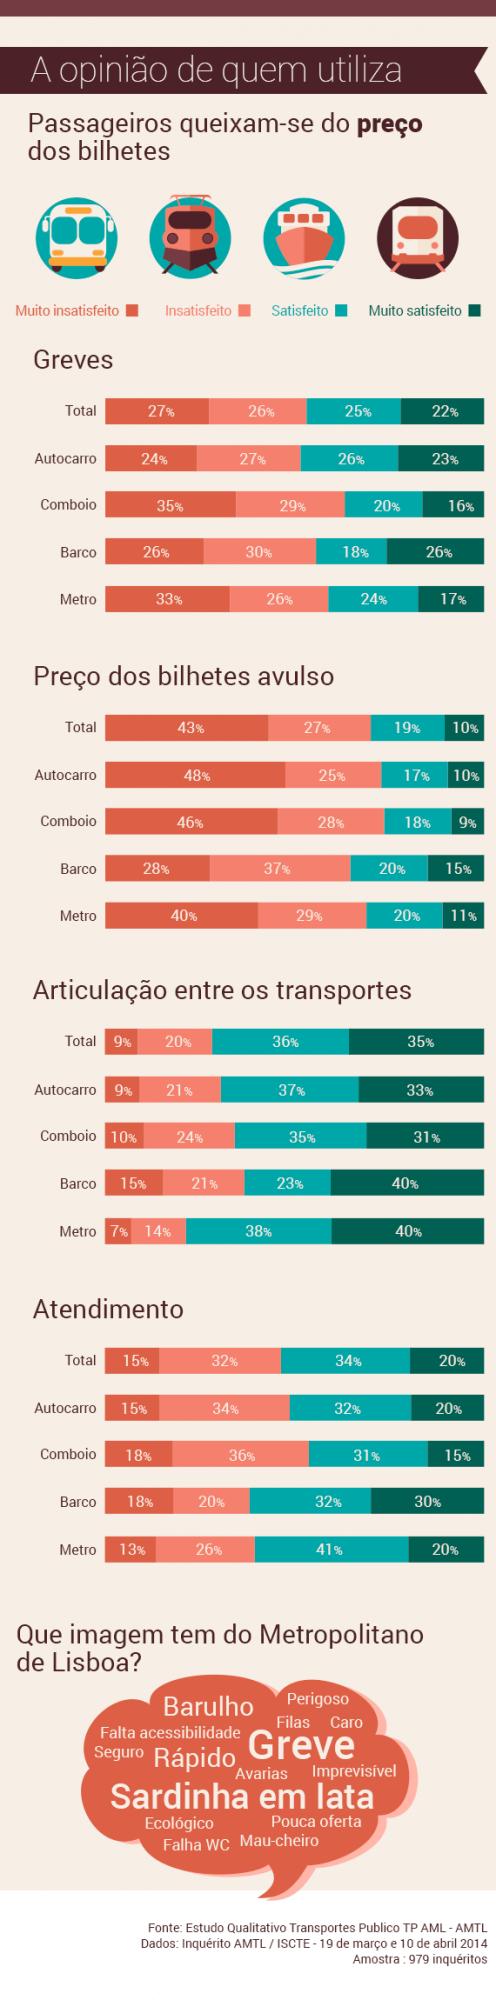 Imagem que as pessoas têm do transporte público